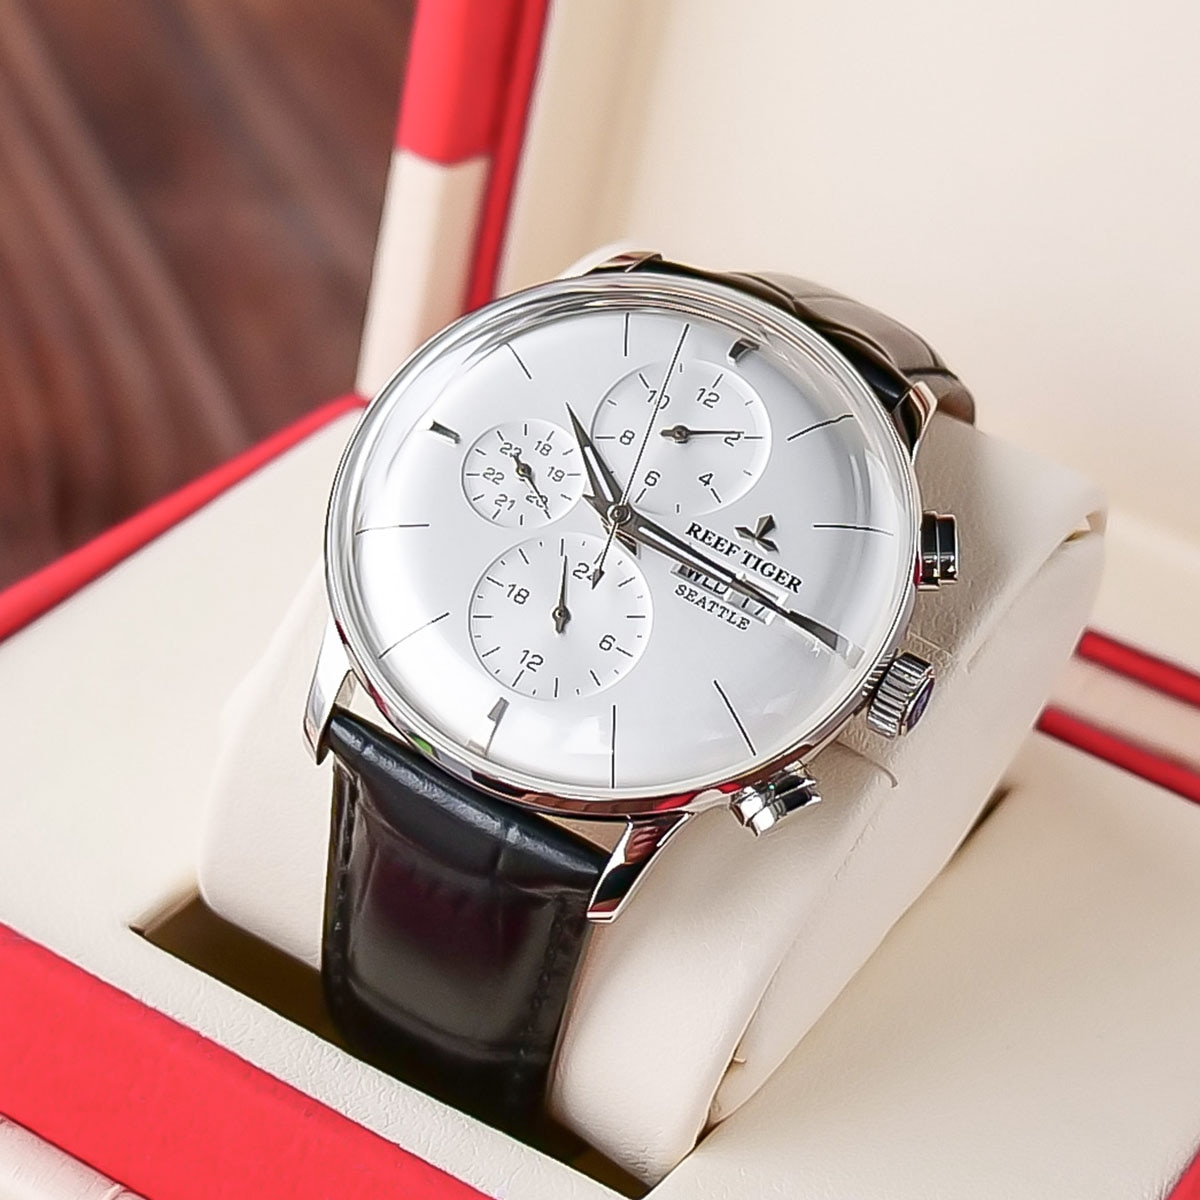 ريف تايجر-ساعة يد رجالية ، متعددة الوظائف ، فاخرة ، عصرية ، جلد طبيعي ، أوتوماتيكي ، نحيف للغاية ، RGA1699